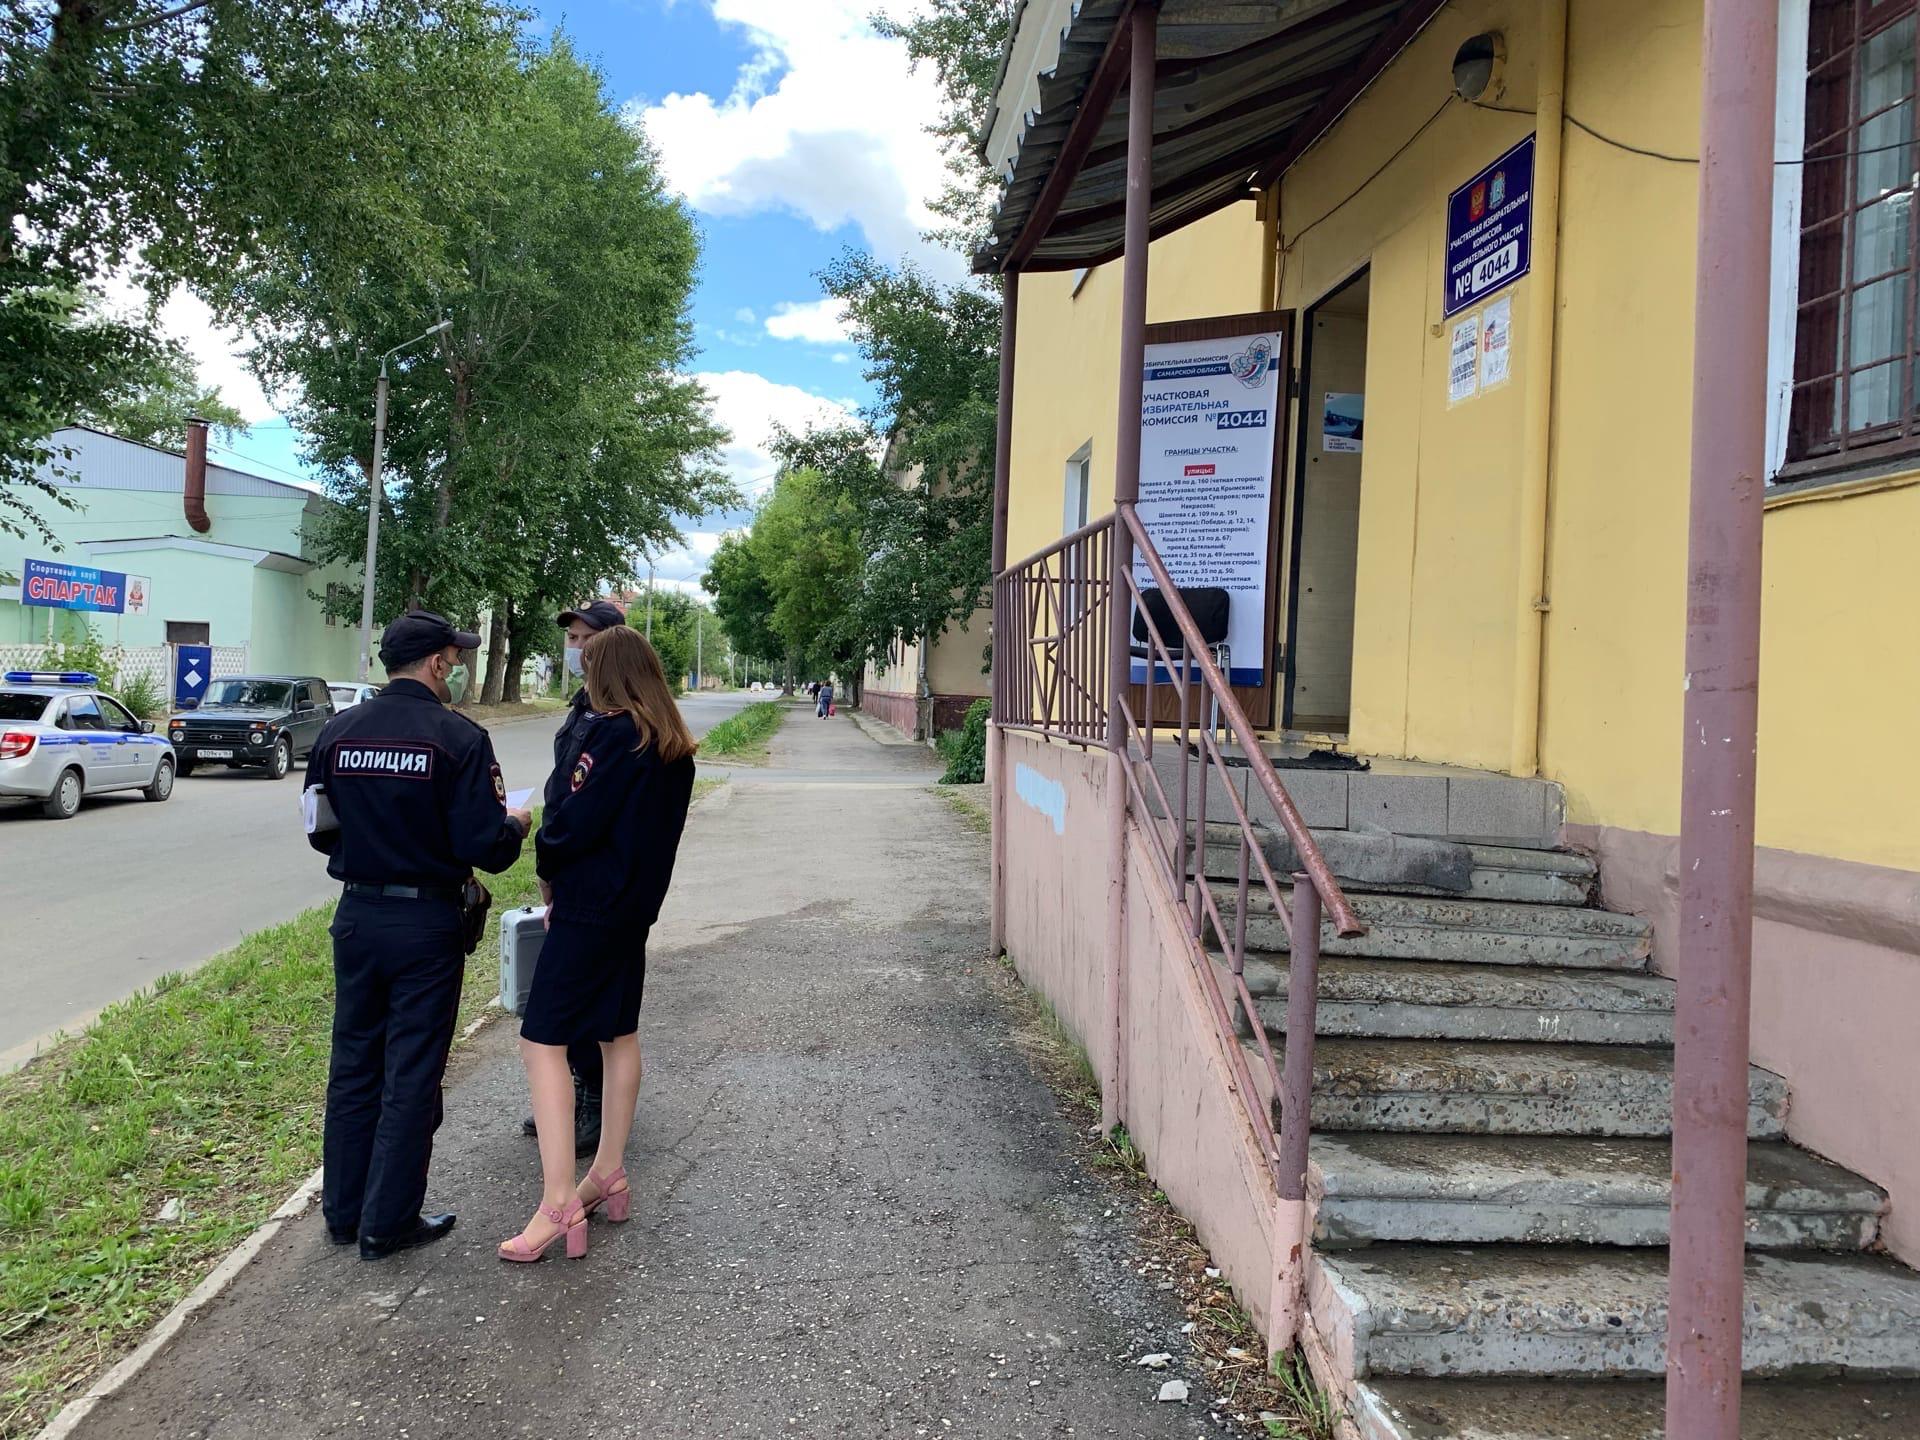 Трое неизвестных пытались помешать голосованию по поправкам в Тольятти